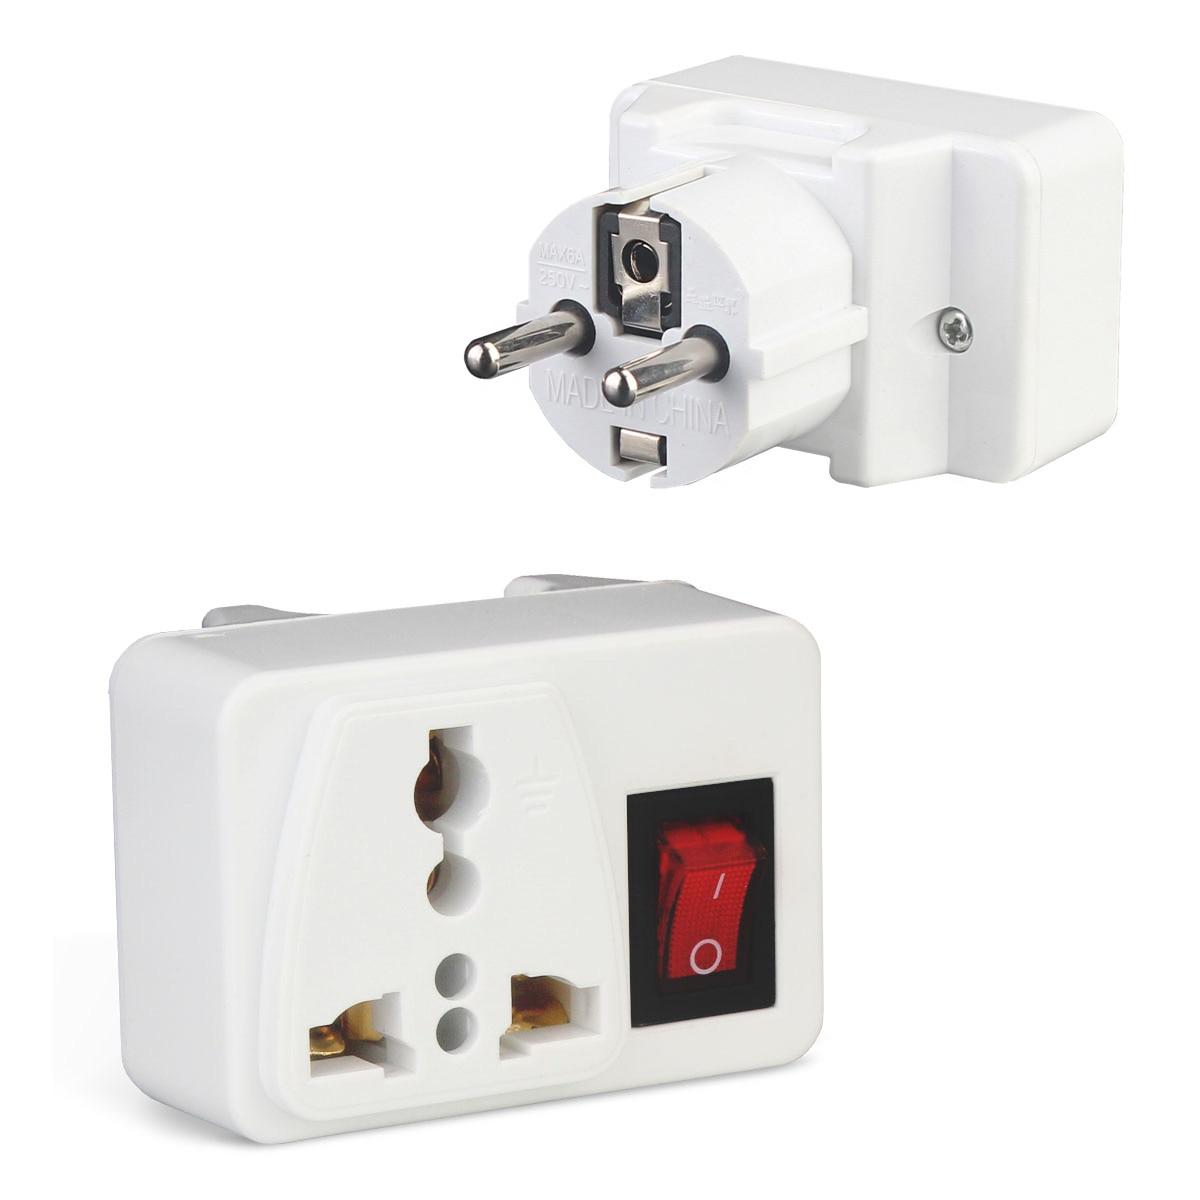 Prise électrique universelle avec interrupteur marche/arrêt chargeur de voyage International adaptateur de prise de courant EU GDeals